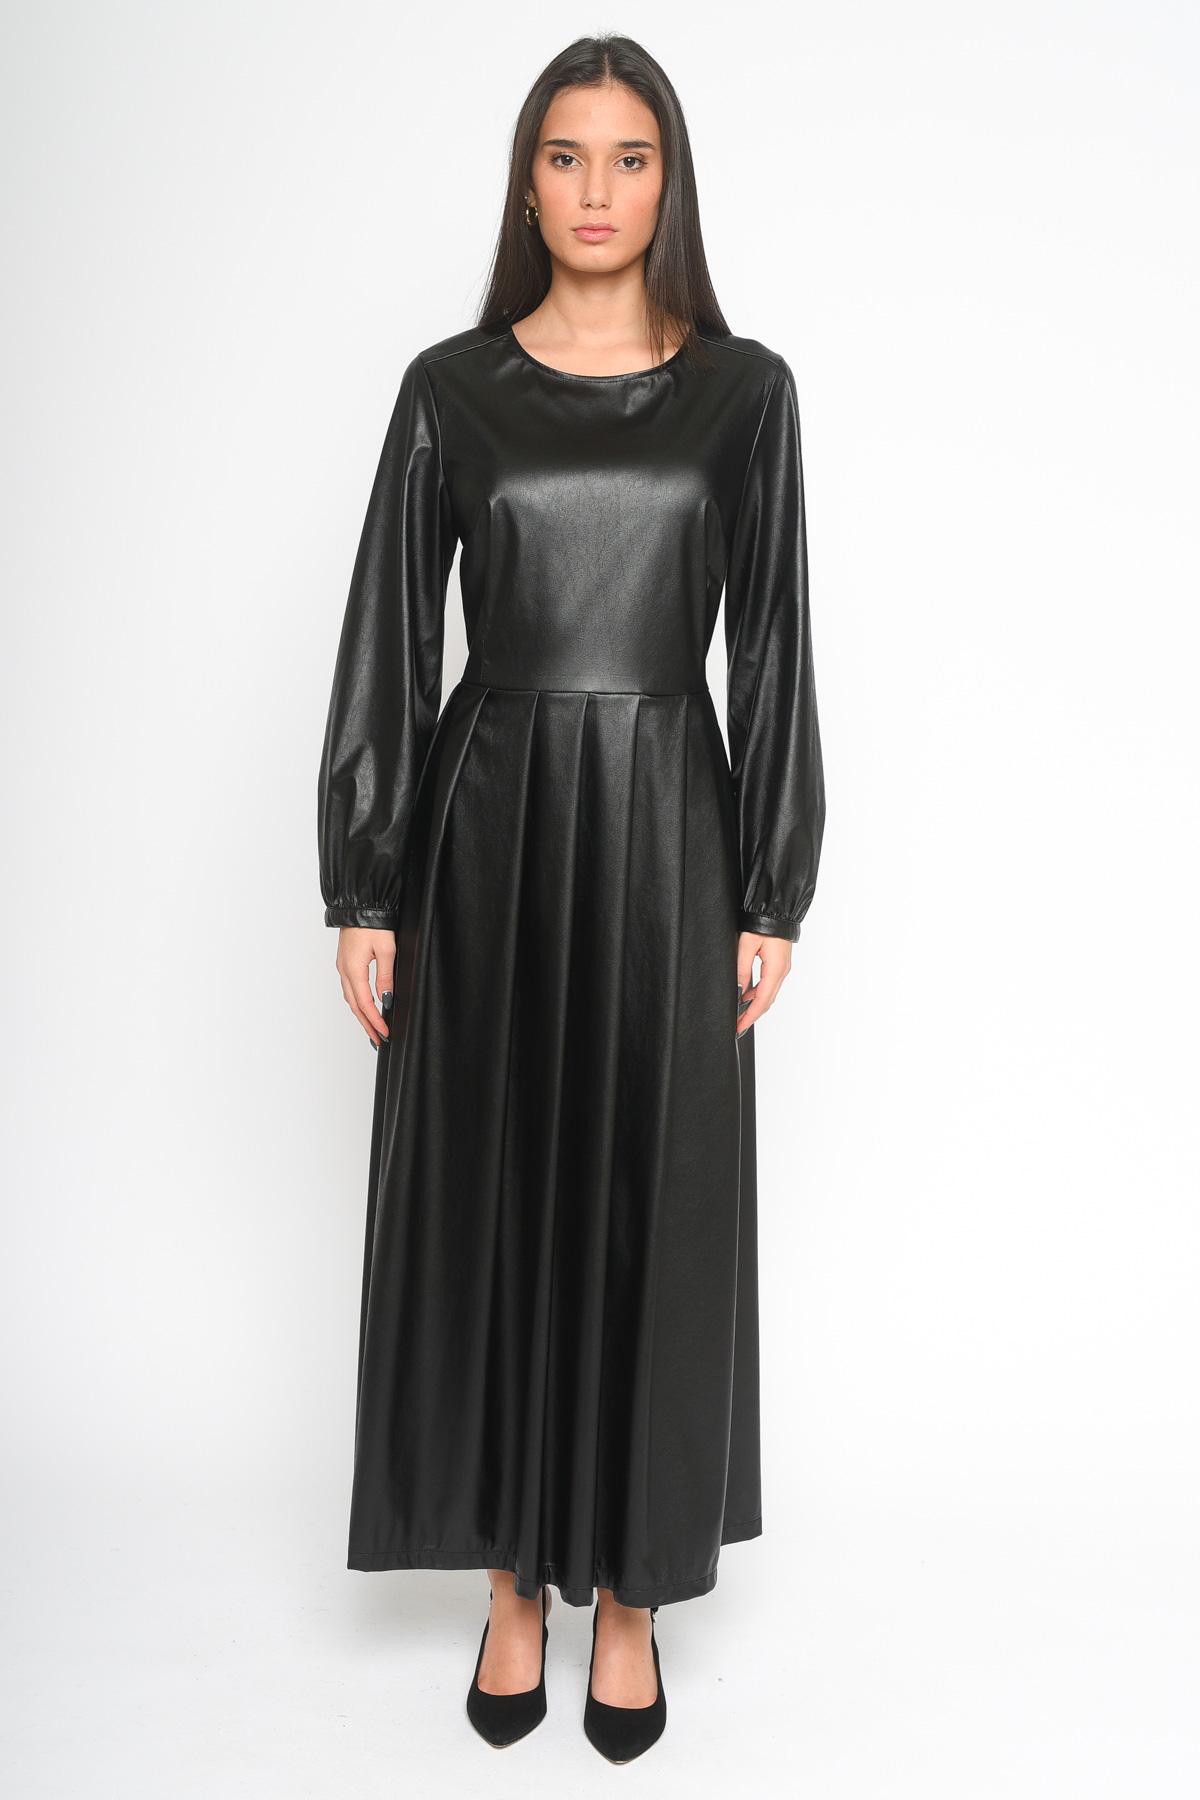 ABITO LUNGO IN ECOPELLE  for woman - BLACK - Paquito Pronto Moda Shop Online